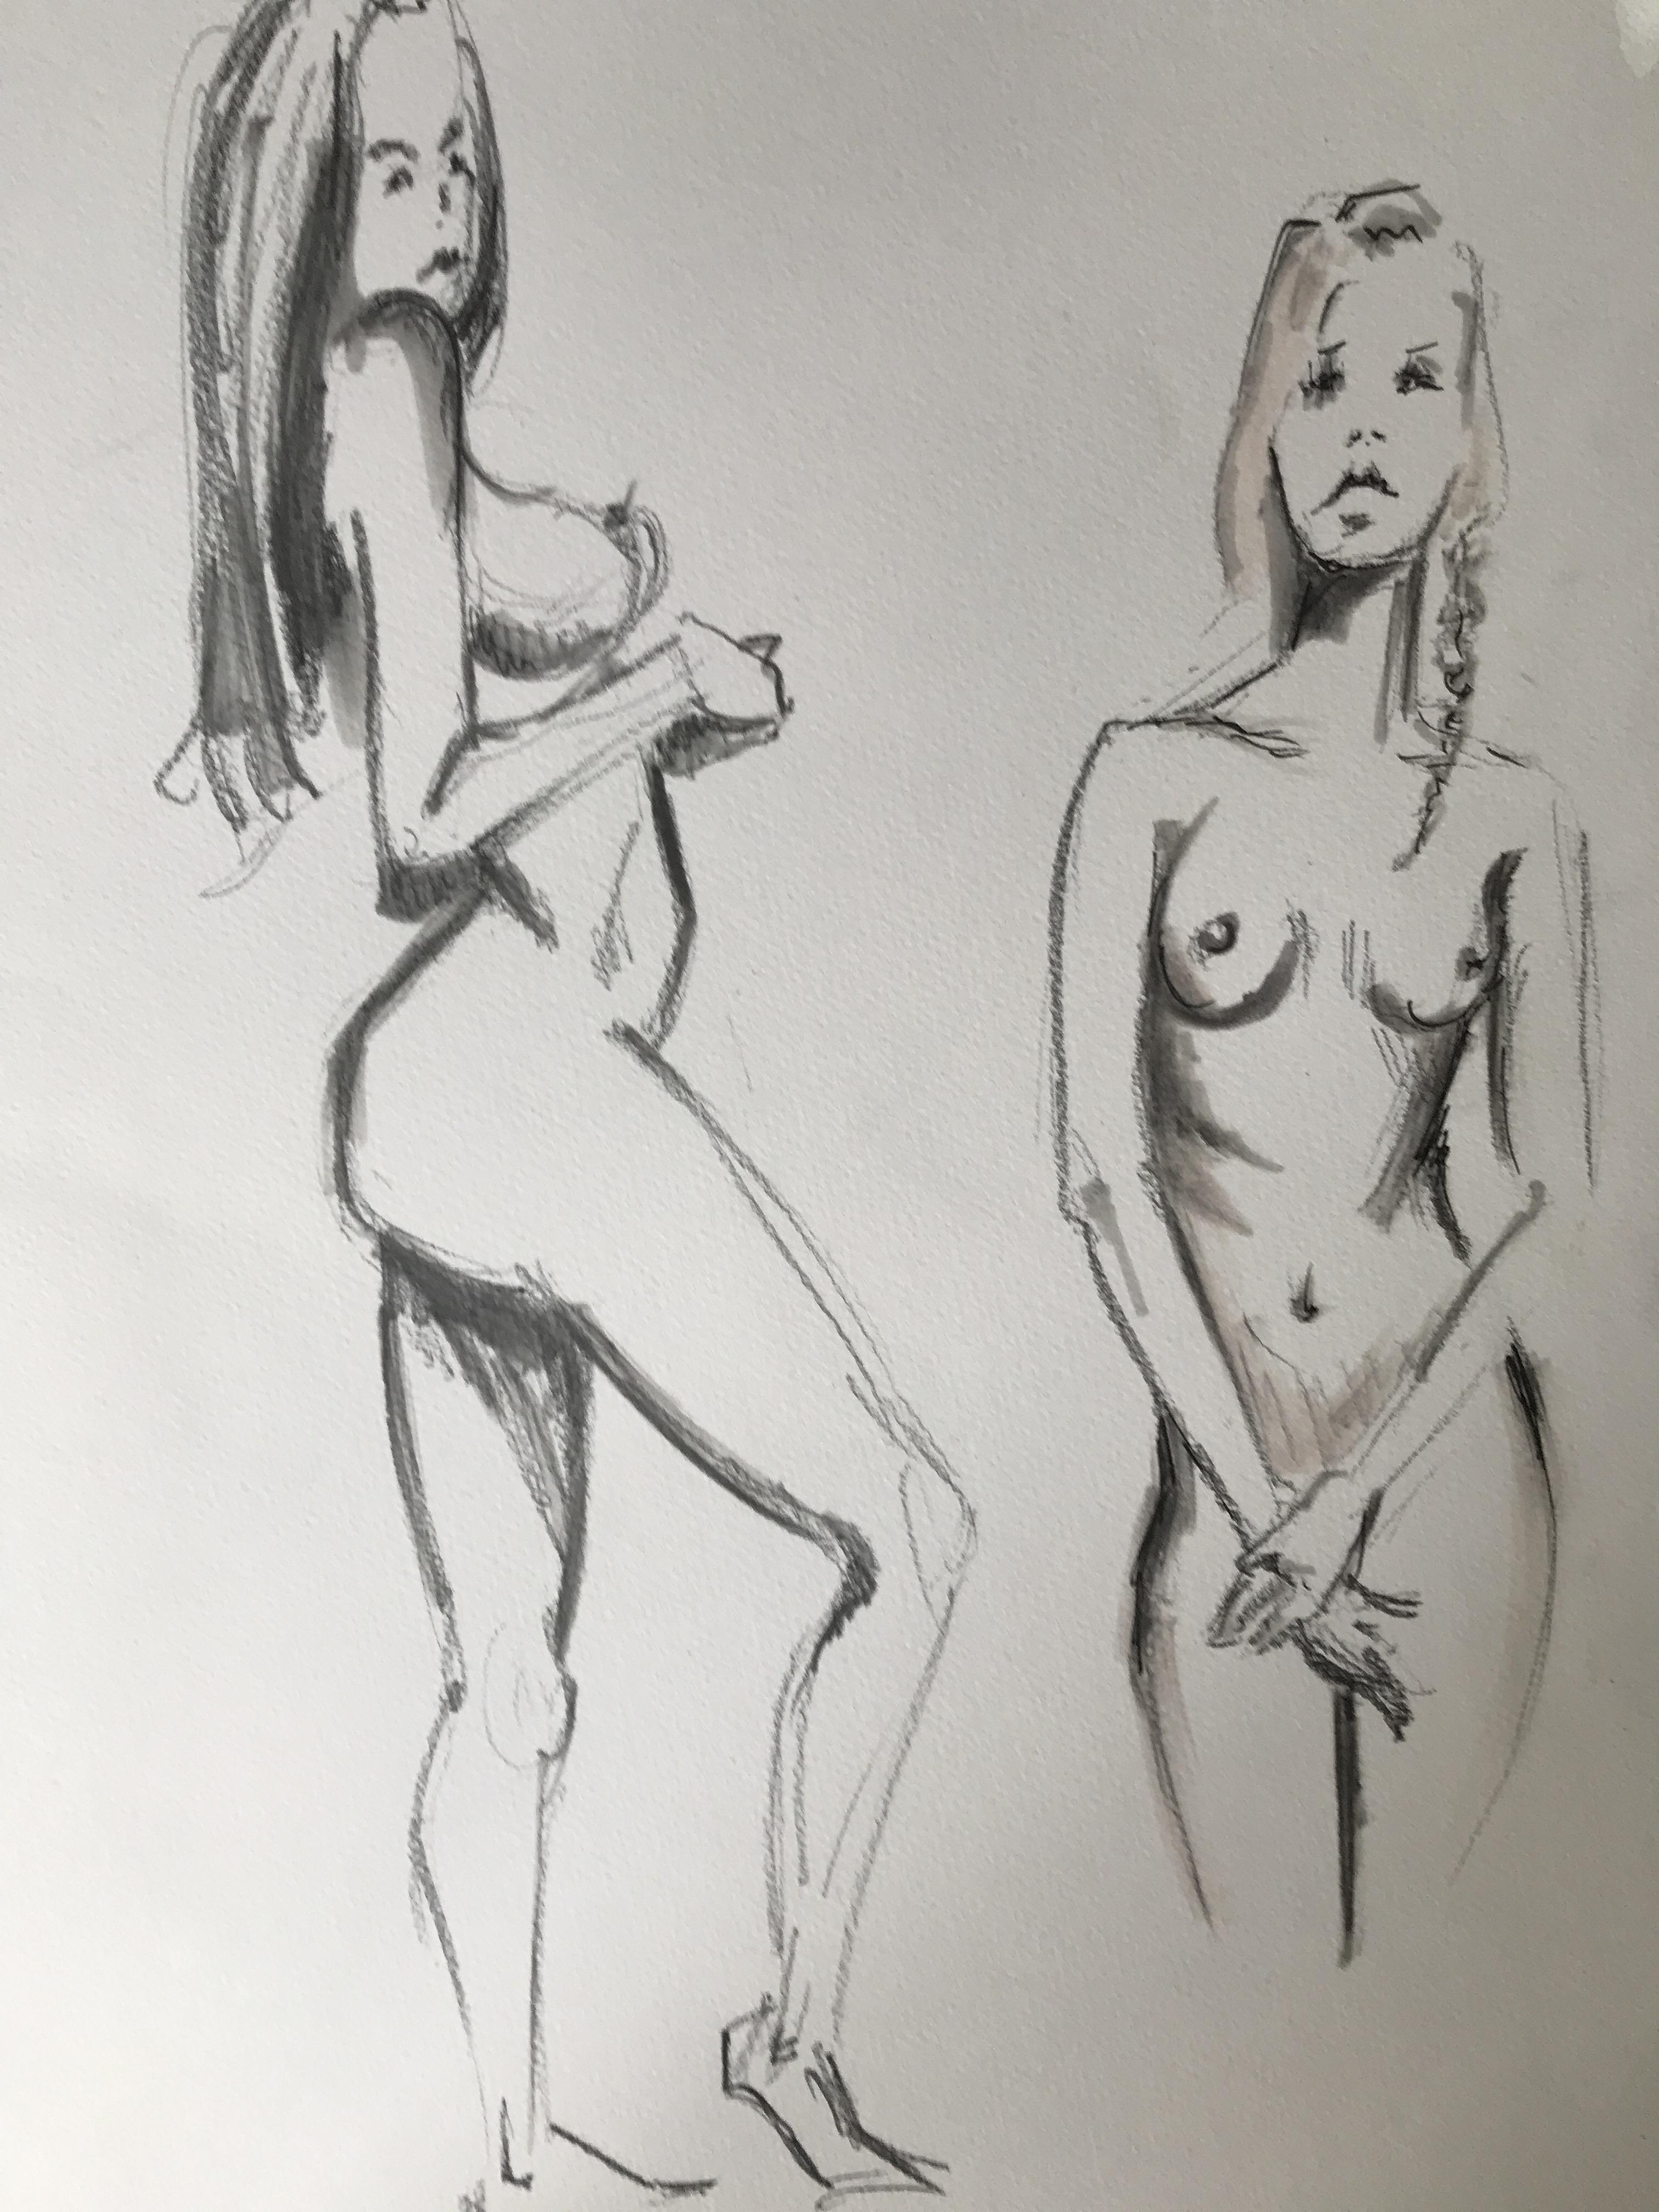 Dessin étude corps au  feutre pantone sur papier  cours de dessin